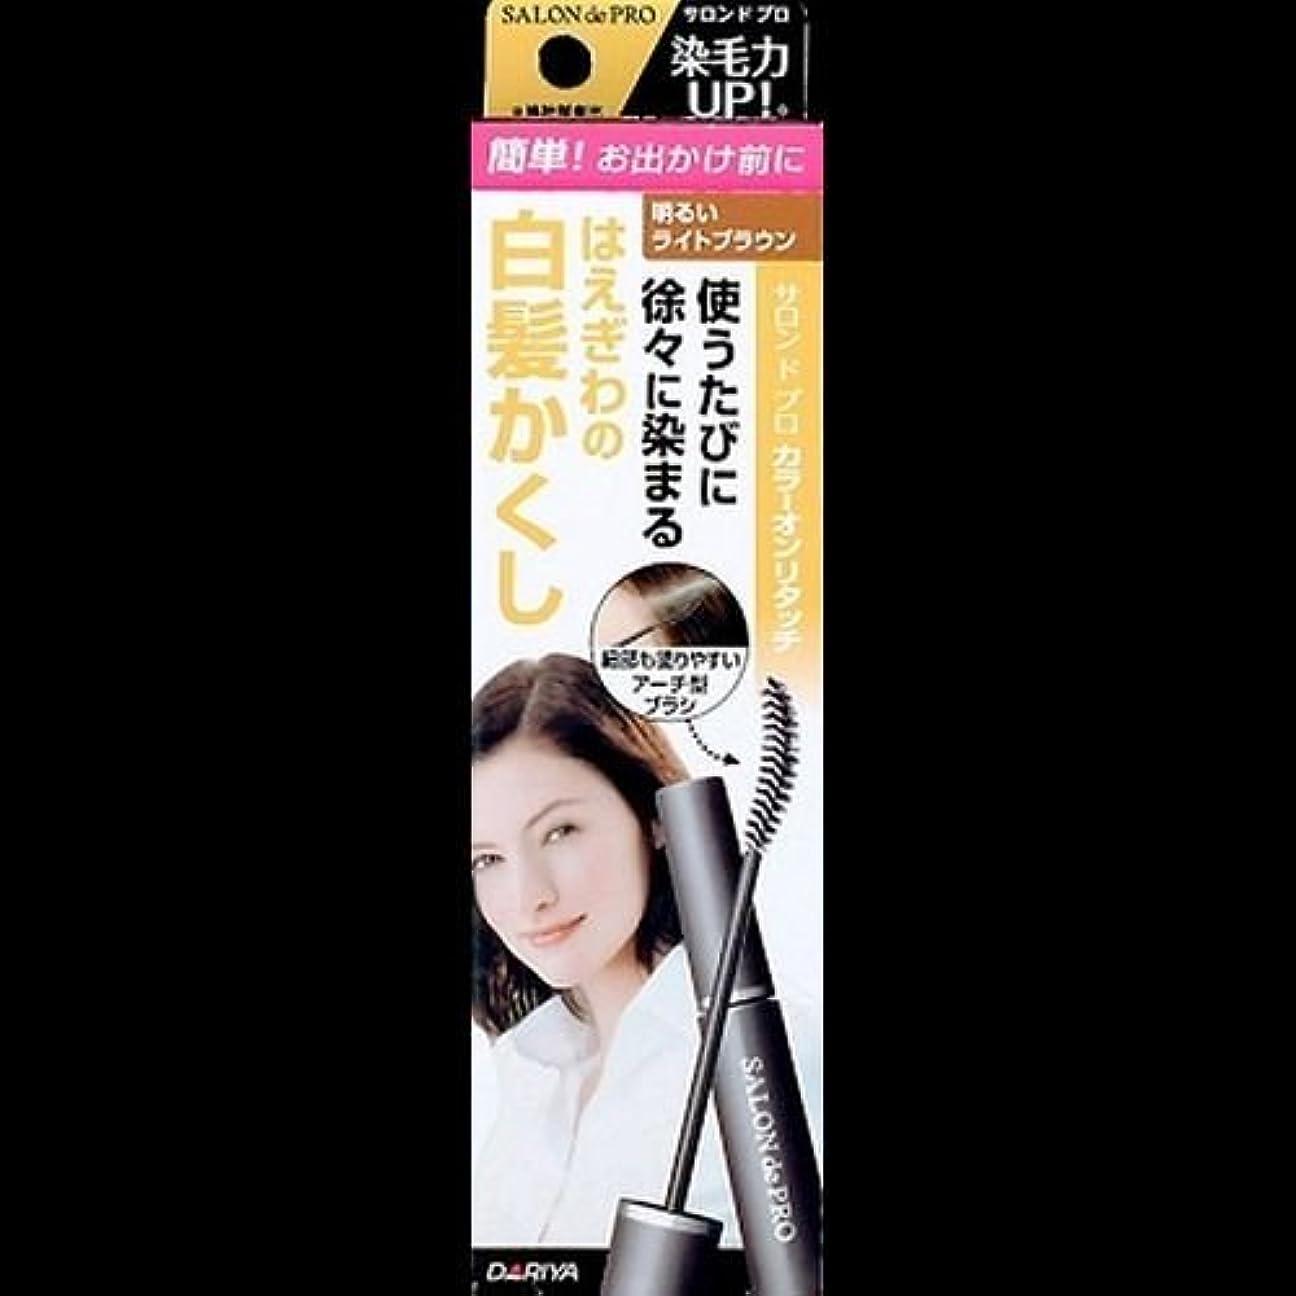 溶融コマンド製油所【まとめ買い】サロンドプロ カラーオンリタッチ 白髪かくしEX 明るいライトブラウン 15ml ×2セット